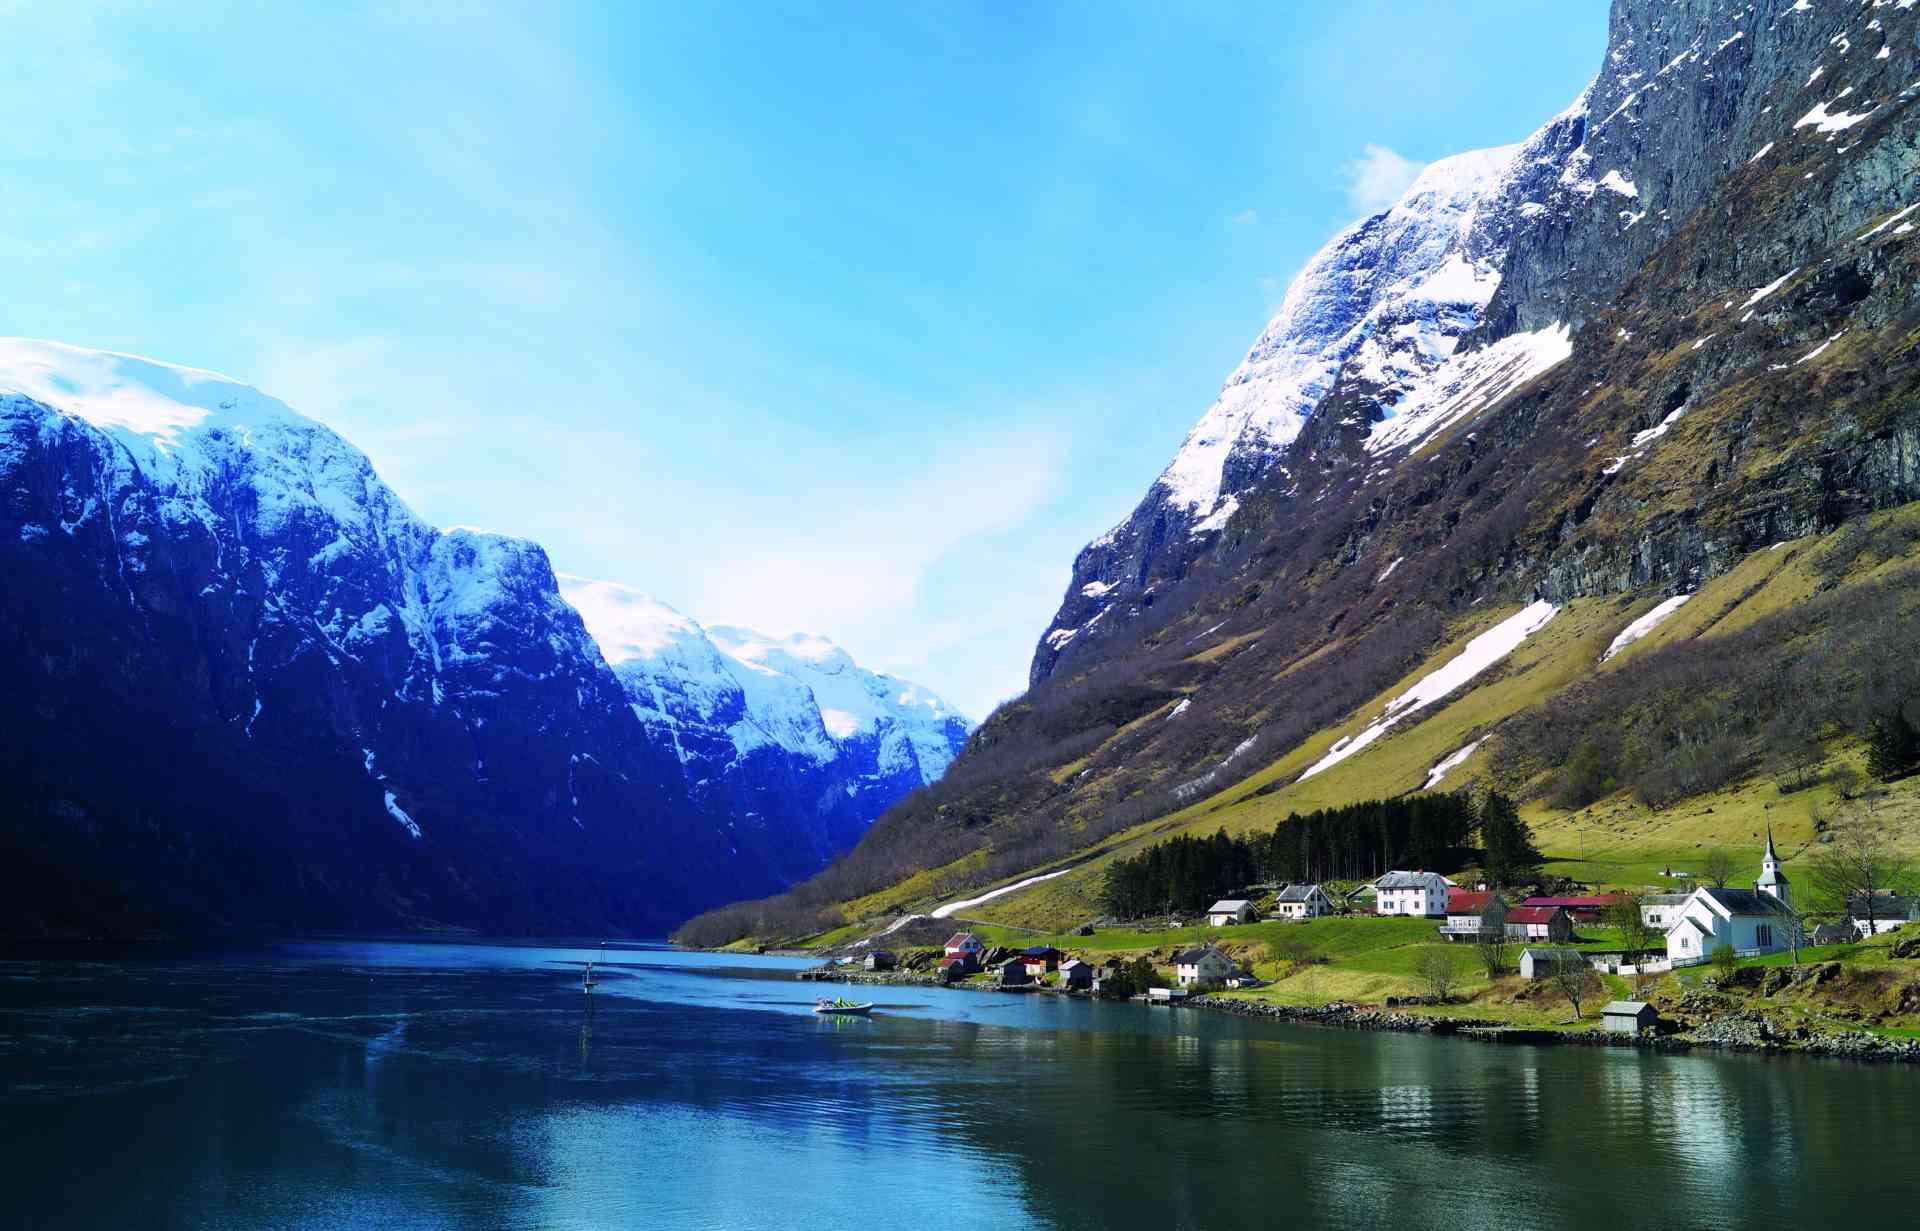 Nærøyfjorden, Norway by Gjertrud Coutinho